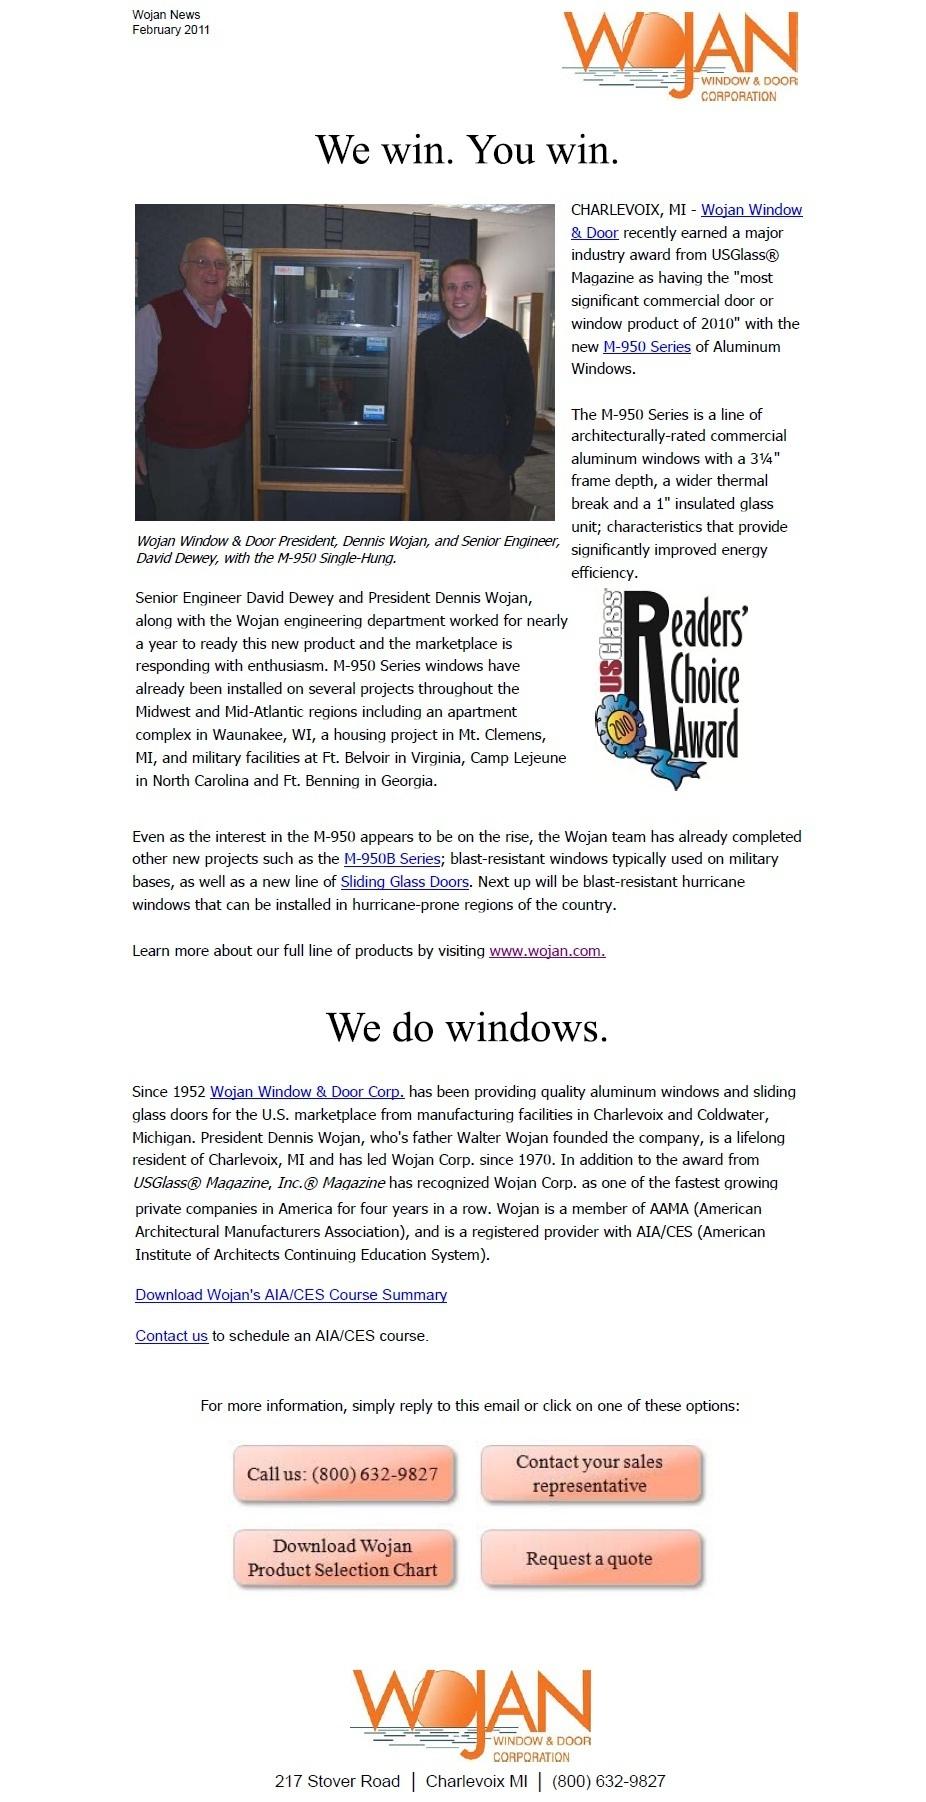 Email Newsletter Archive - Wojan Window & Door Corporation